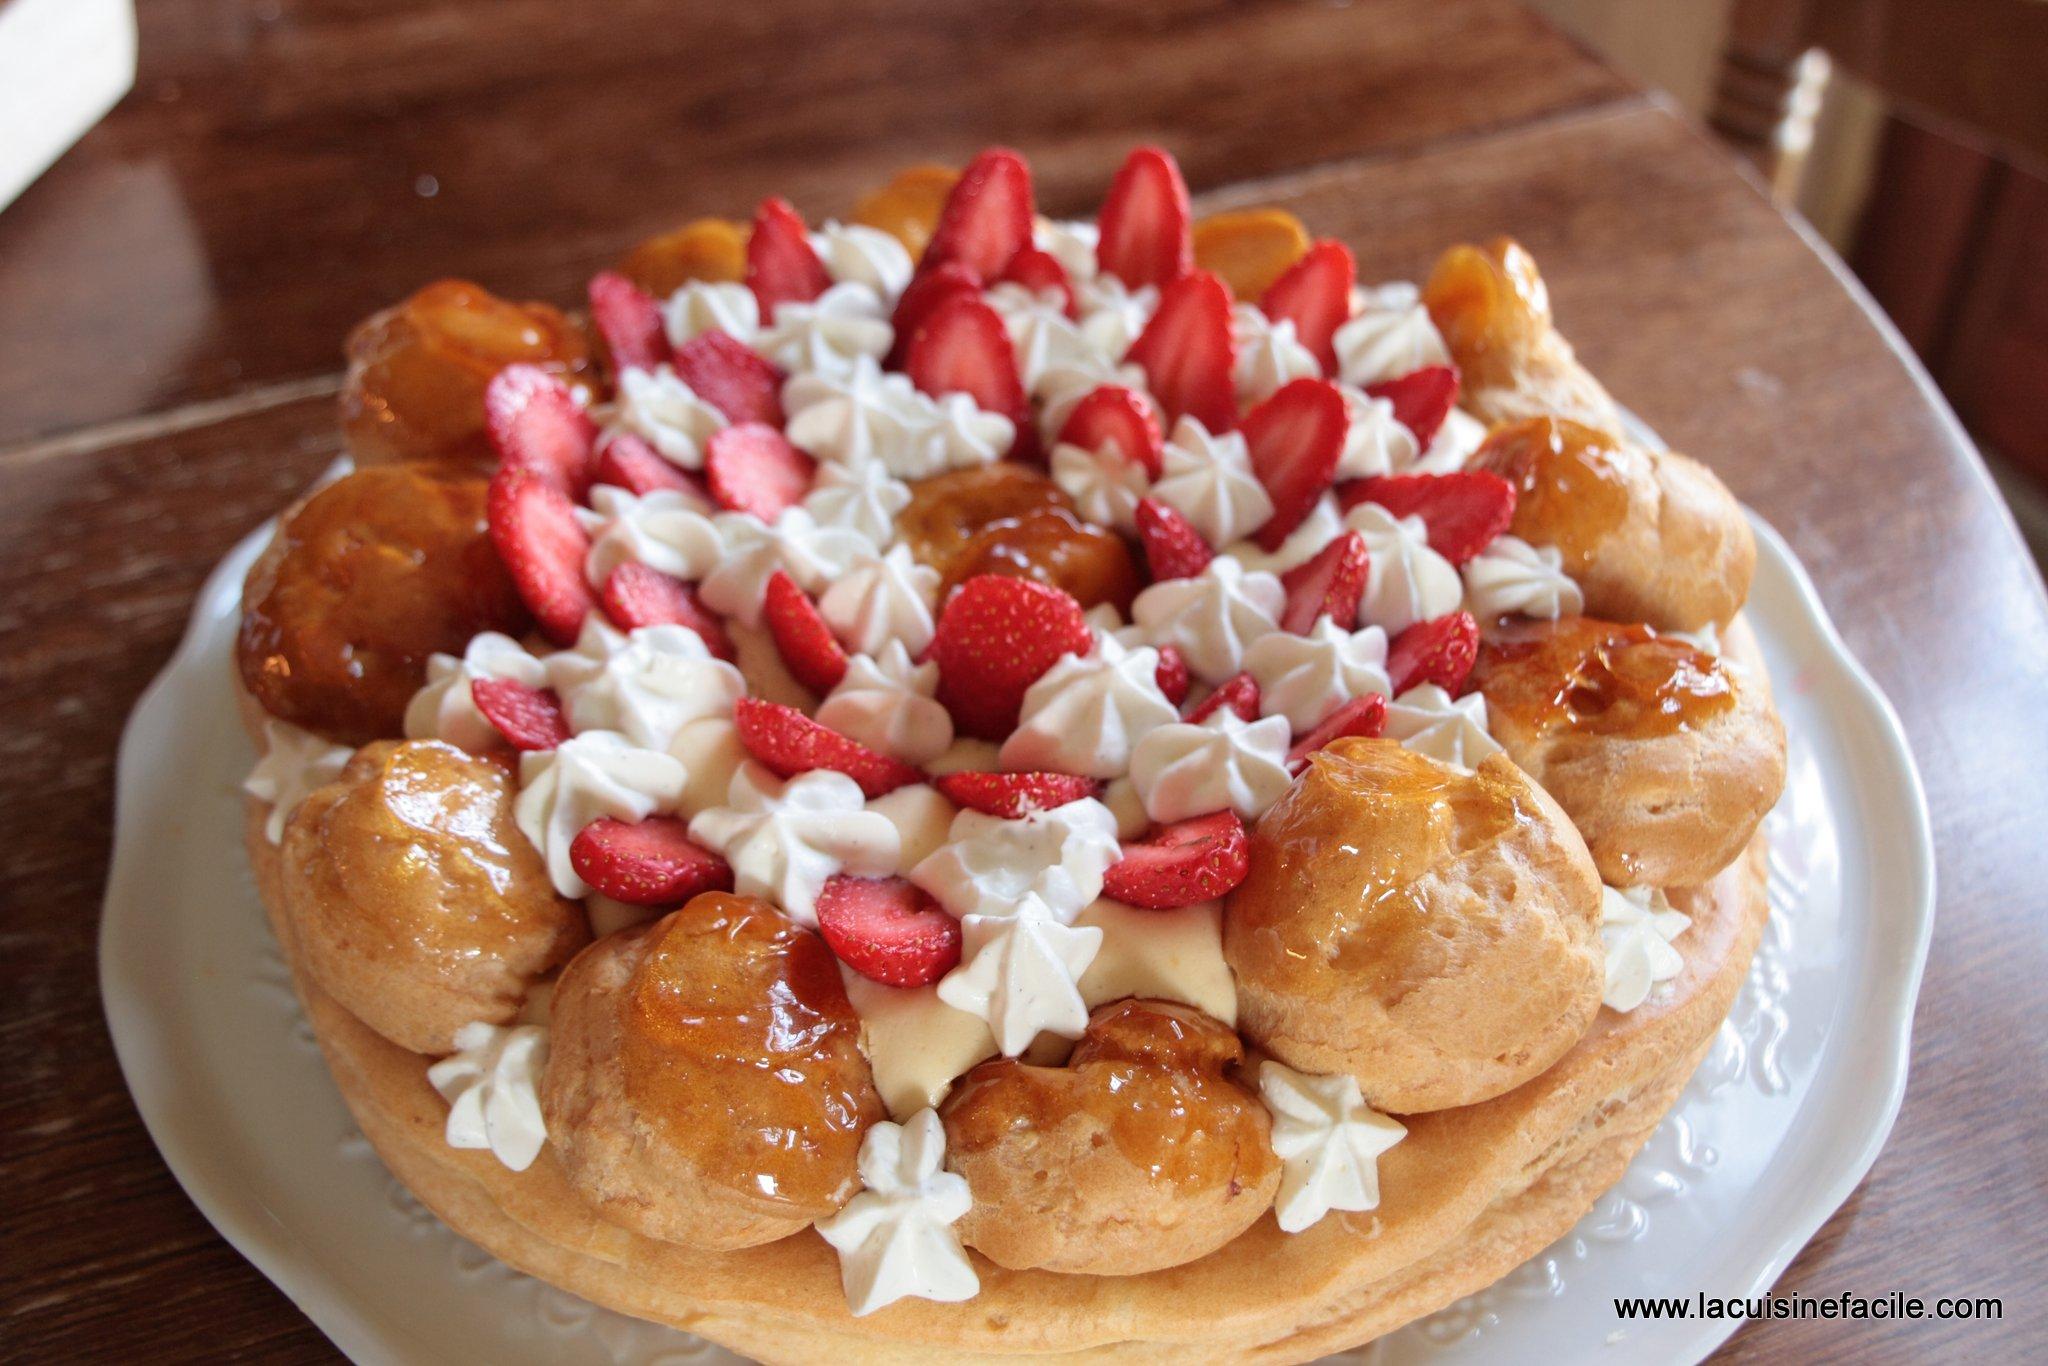 Saint Honoré à la crème chiboust, chantilly vanillée et fraises